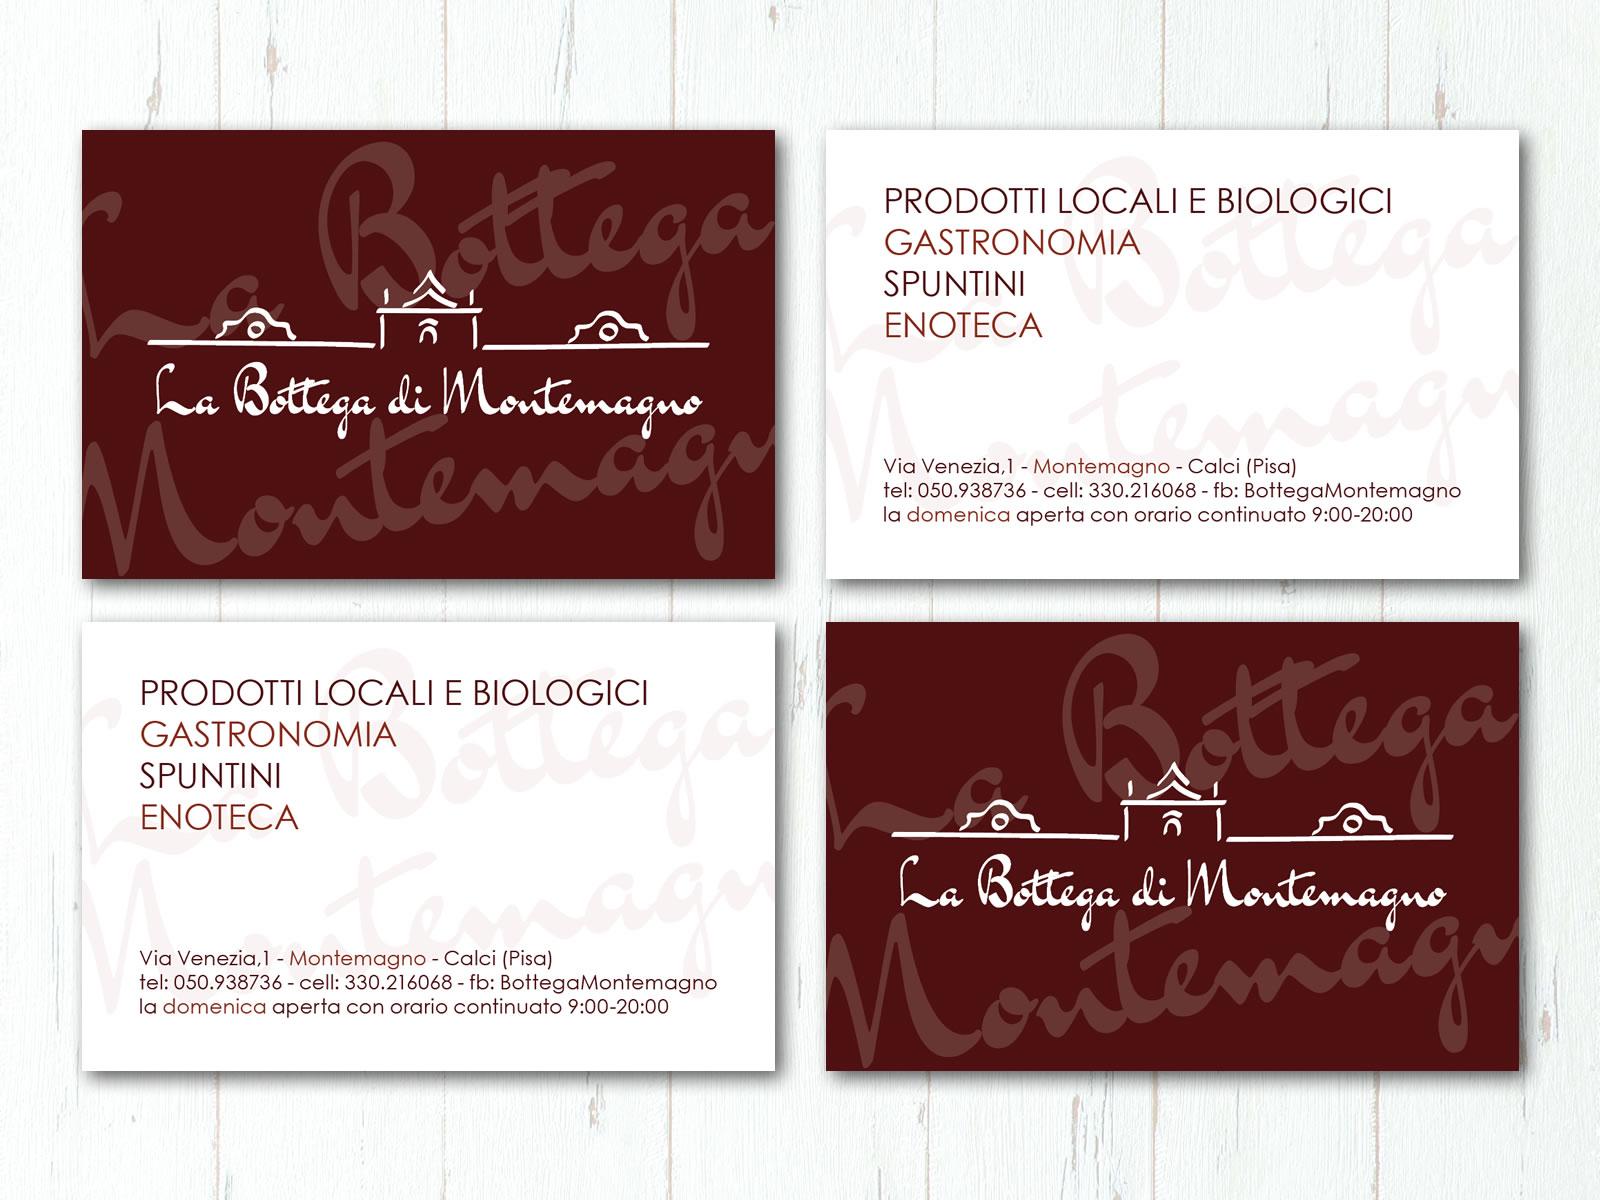 La Bottega di Montemagno - Biglietto da visita